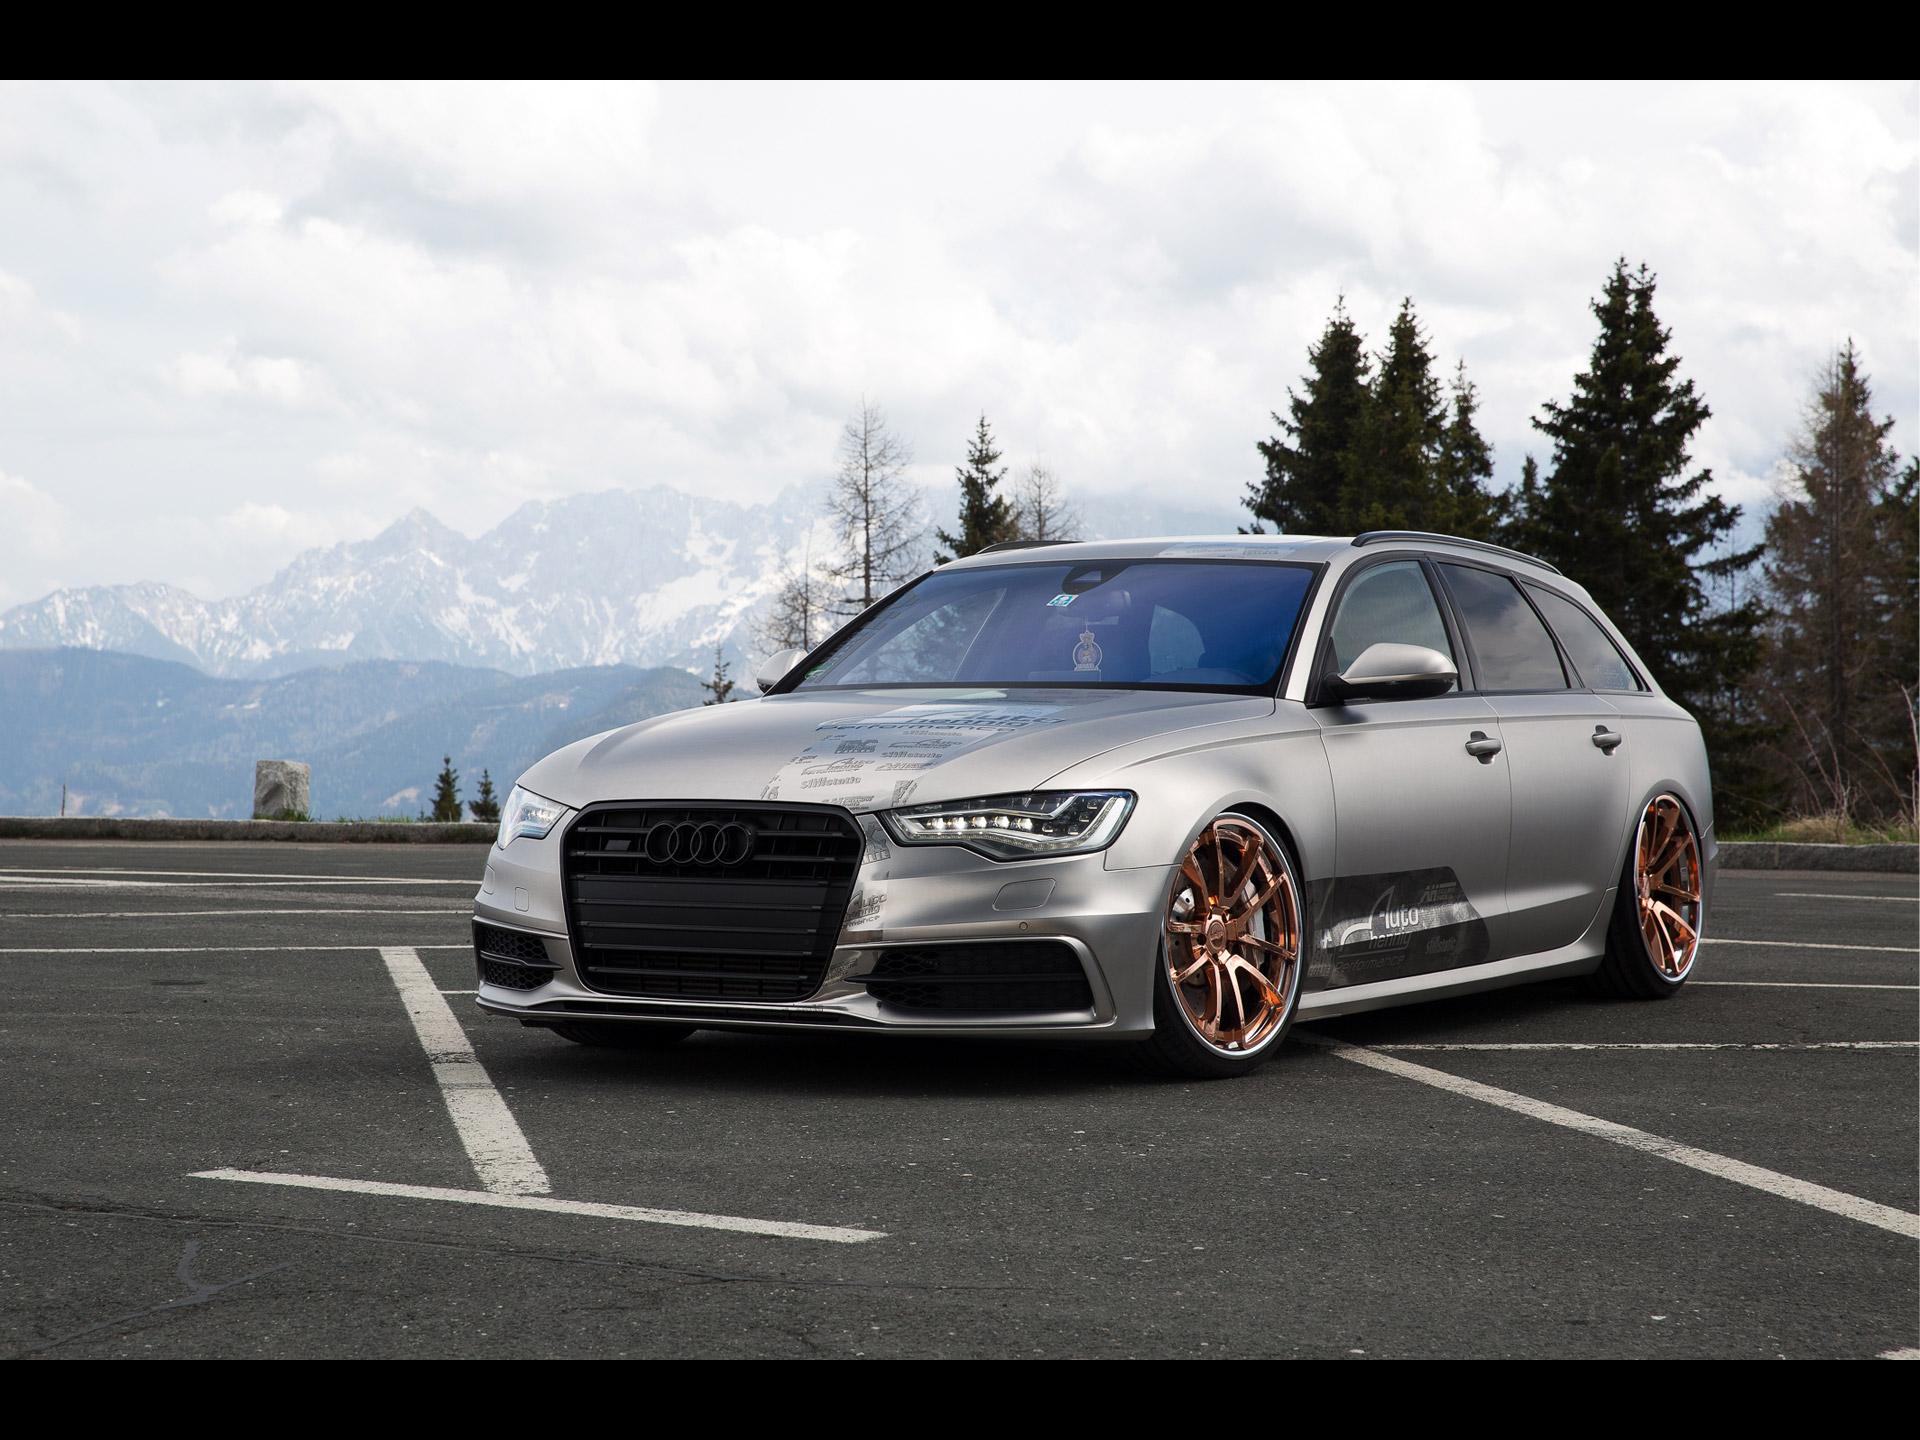 Rotiform Audi A6 Avant 2015 アウディに嵌まる 壁紙画像ブログ